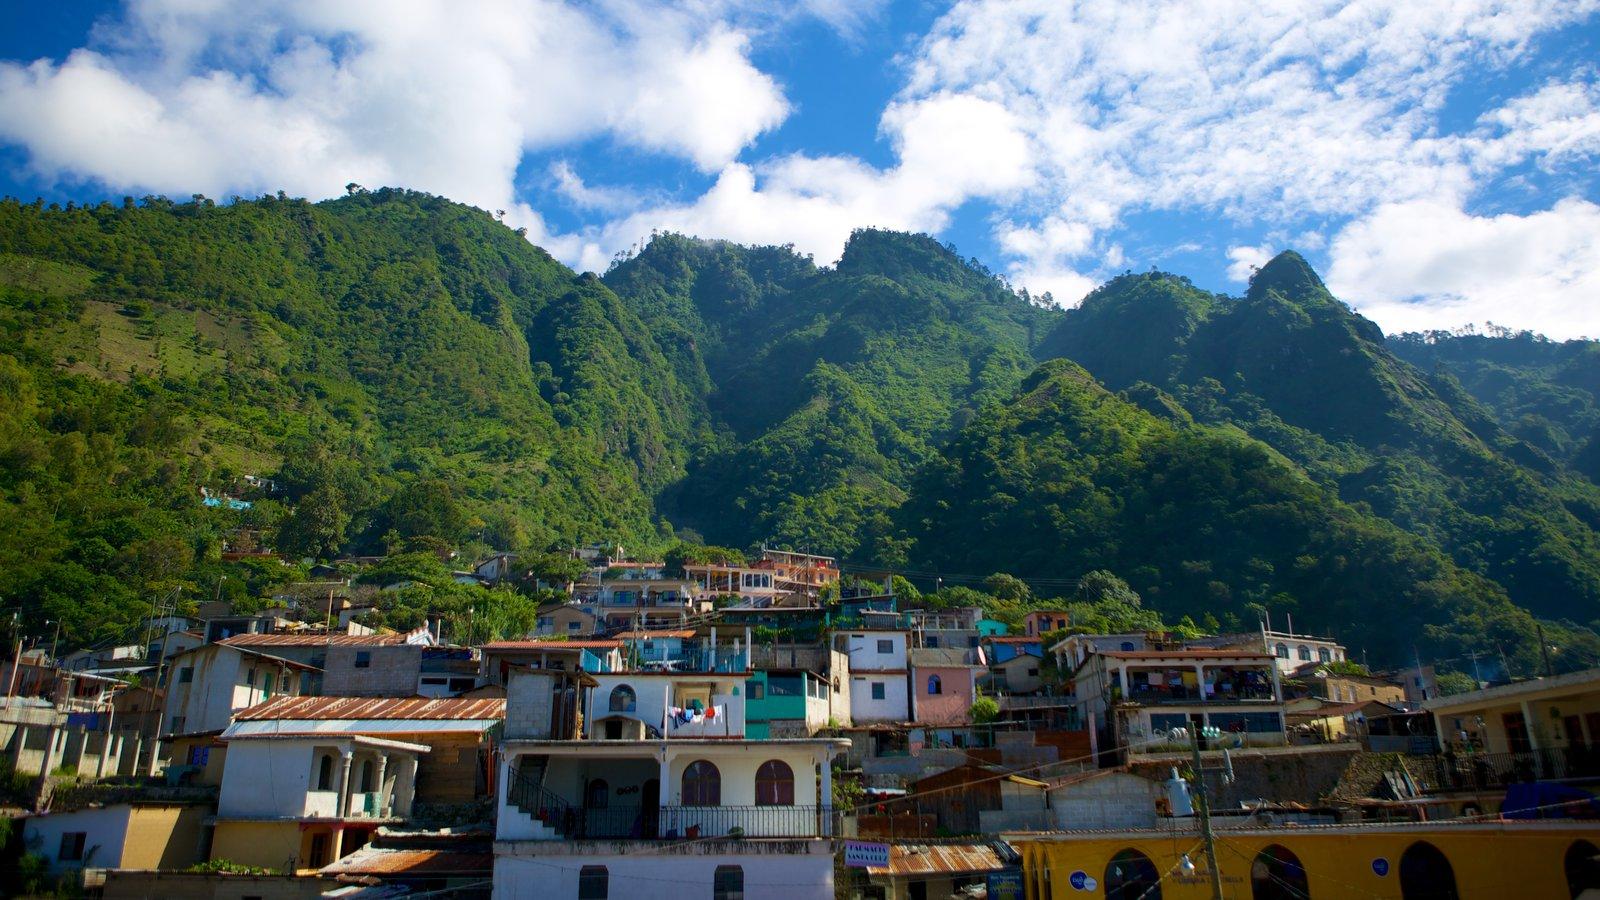 Santa Cruz La Laguna que incluye una pequeña ciudad o pueblo y montañas